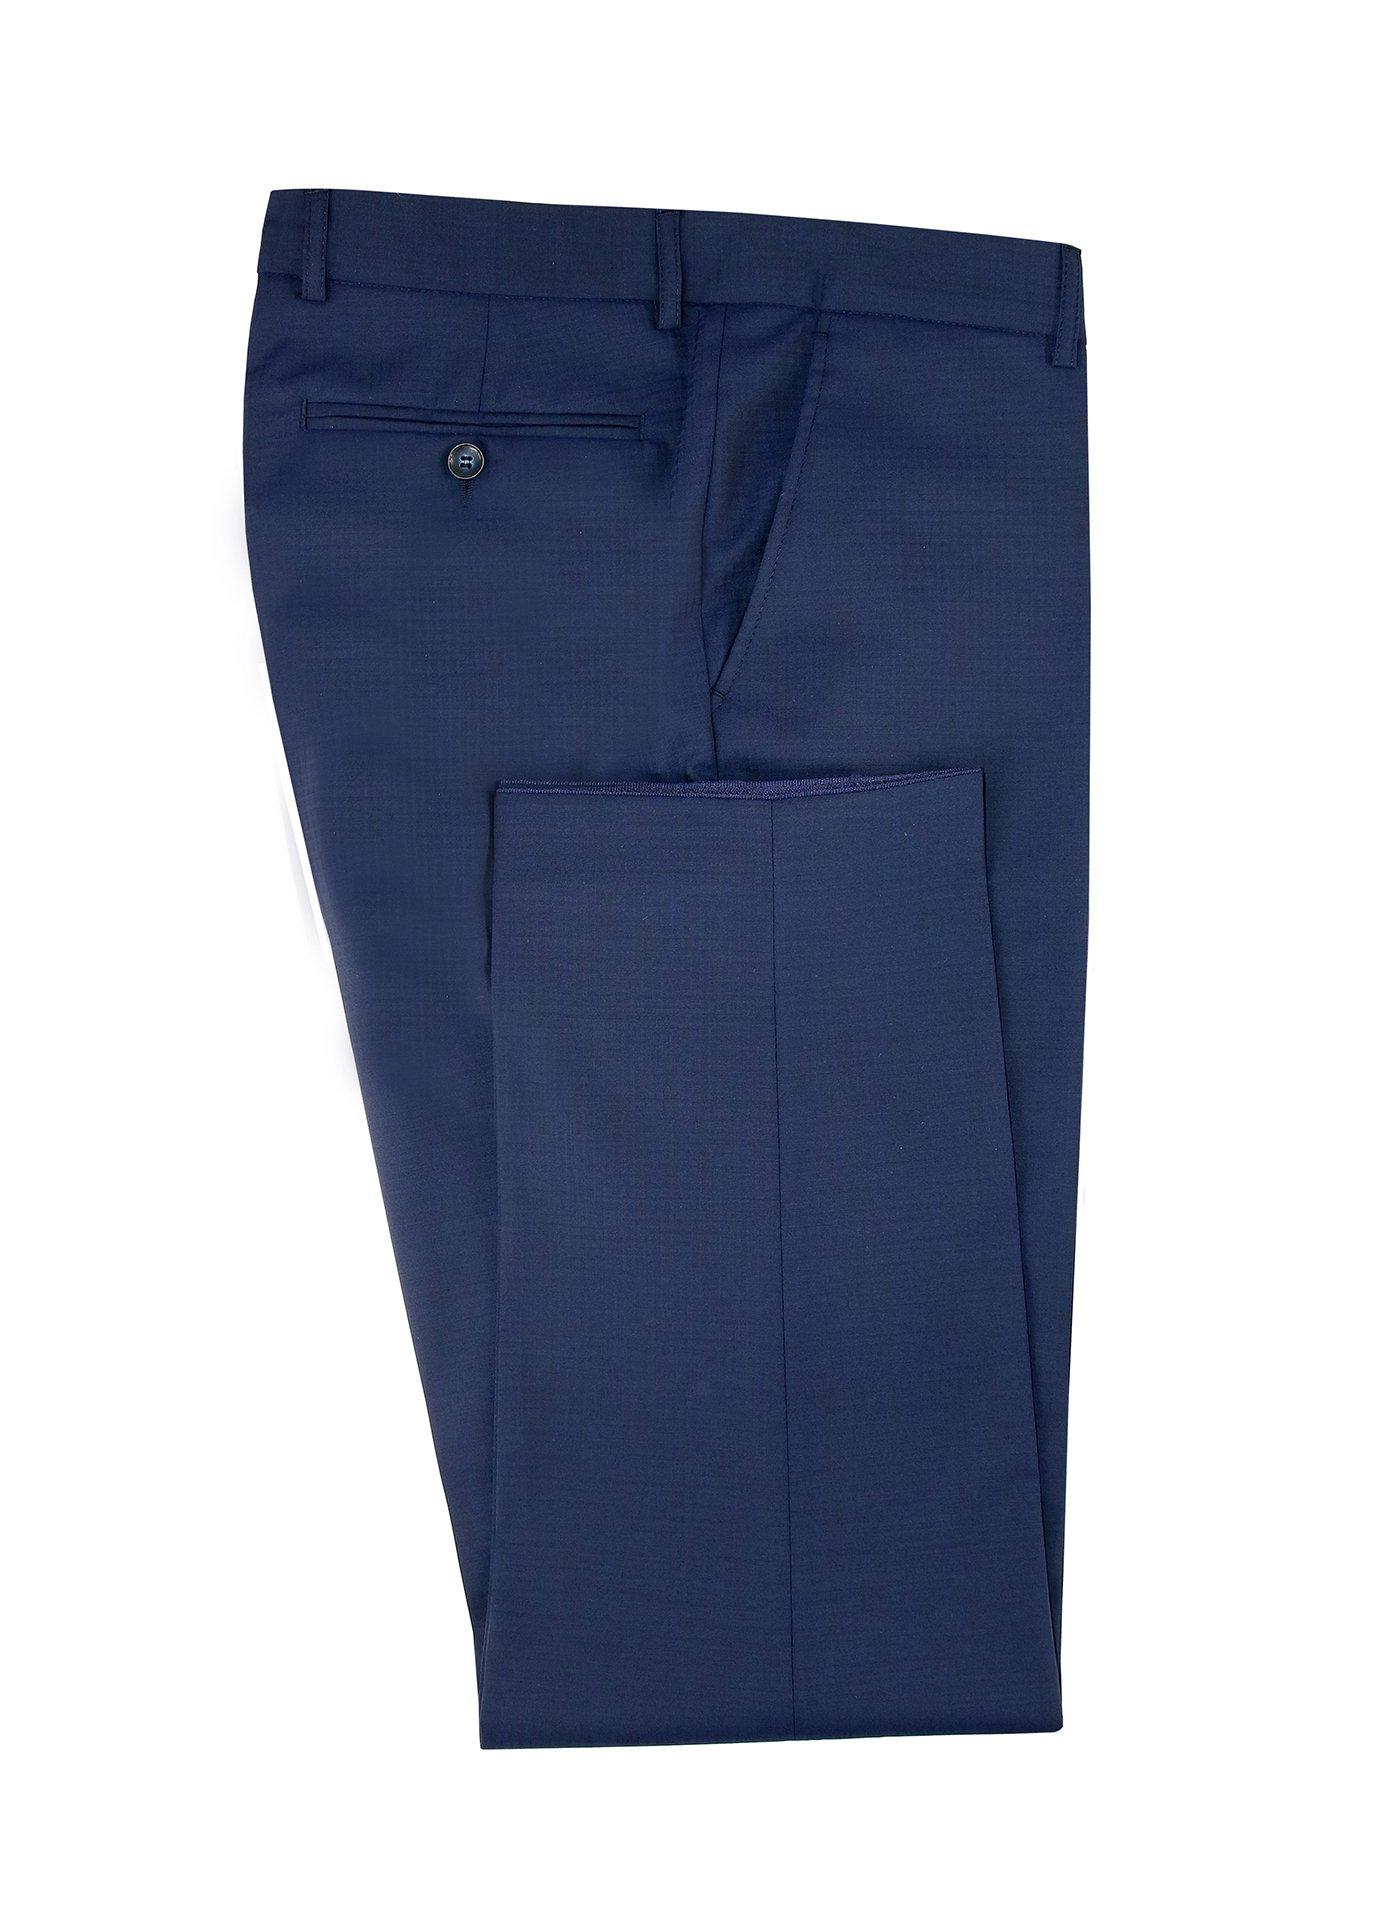 Spodnie męskie garniturowe PLM-6X-068-G